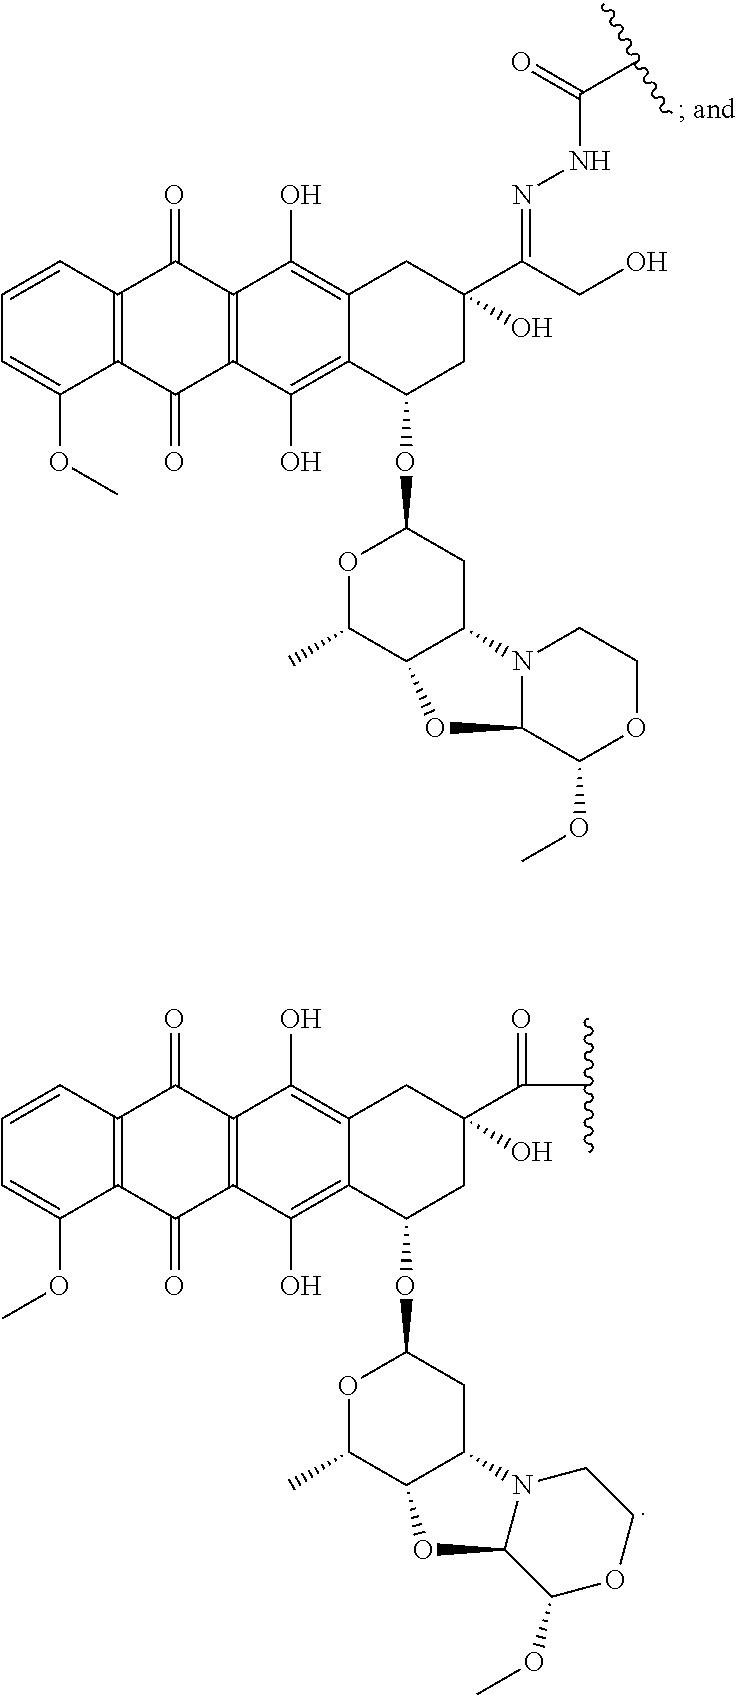 Figure US09562099-20170207-C00005